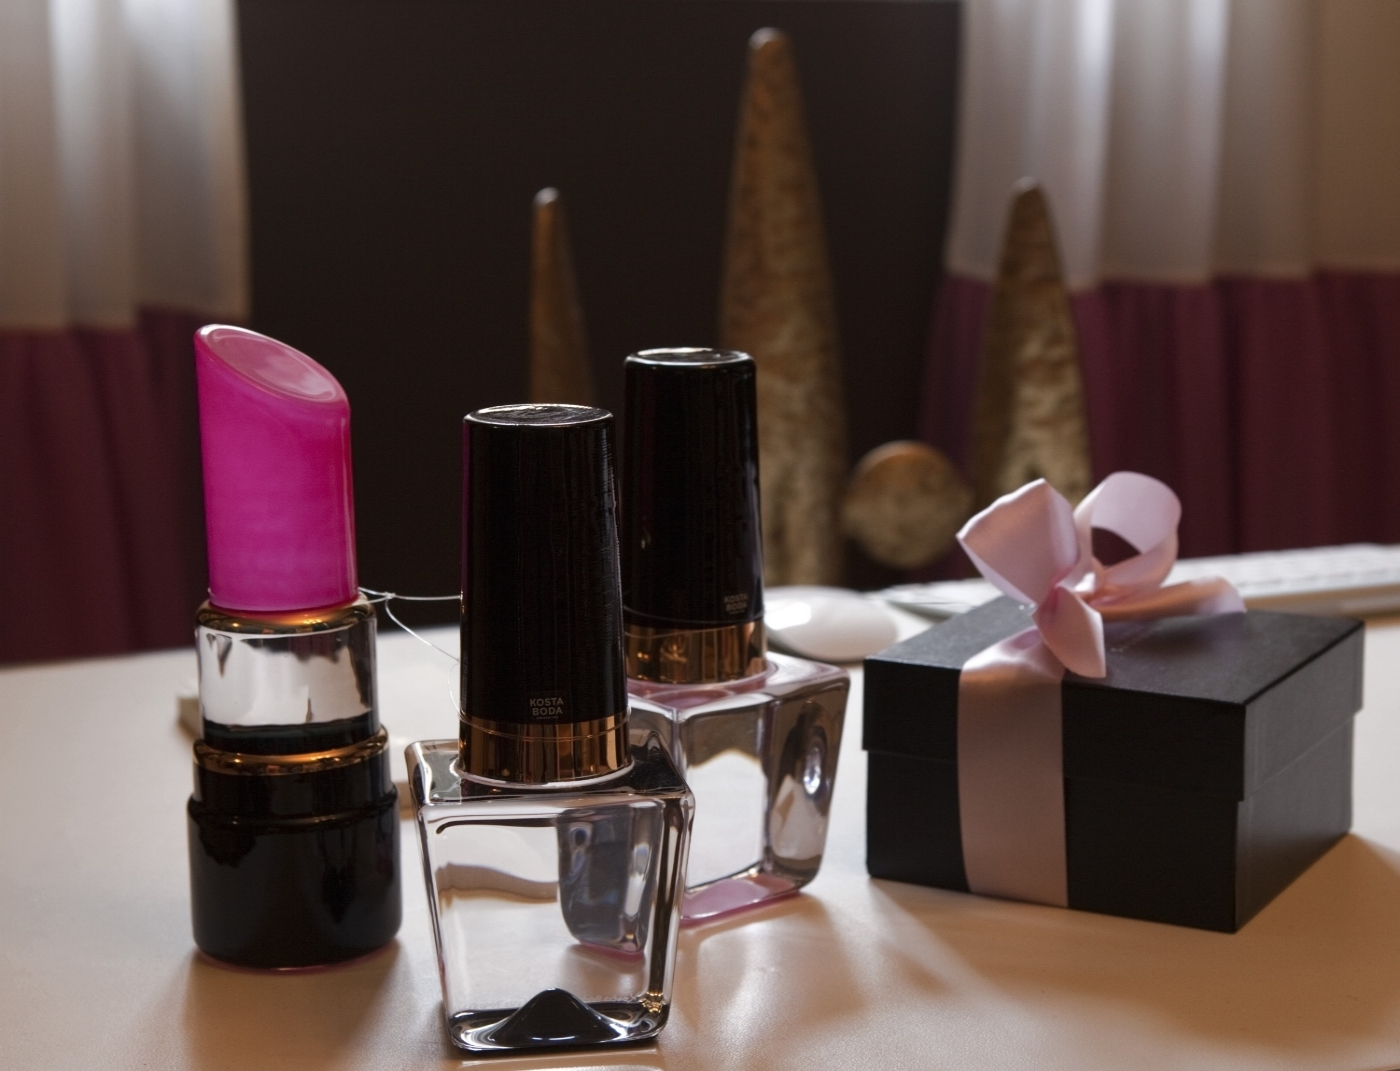 HH.Lipstick.Crop.jpg